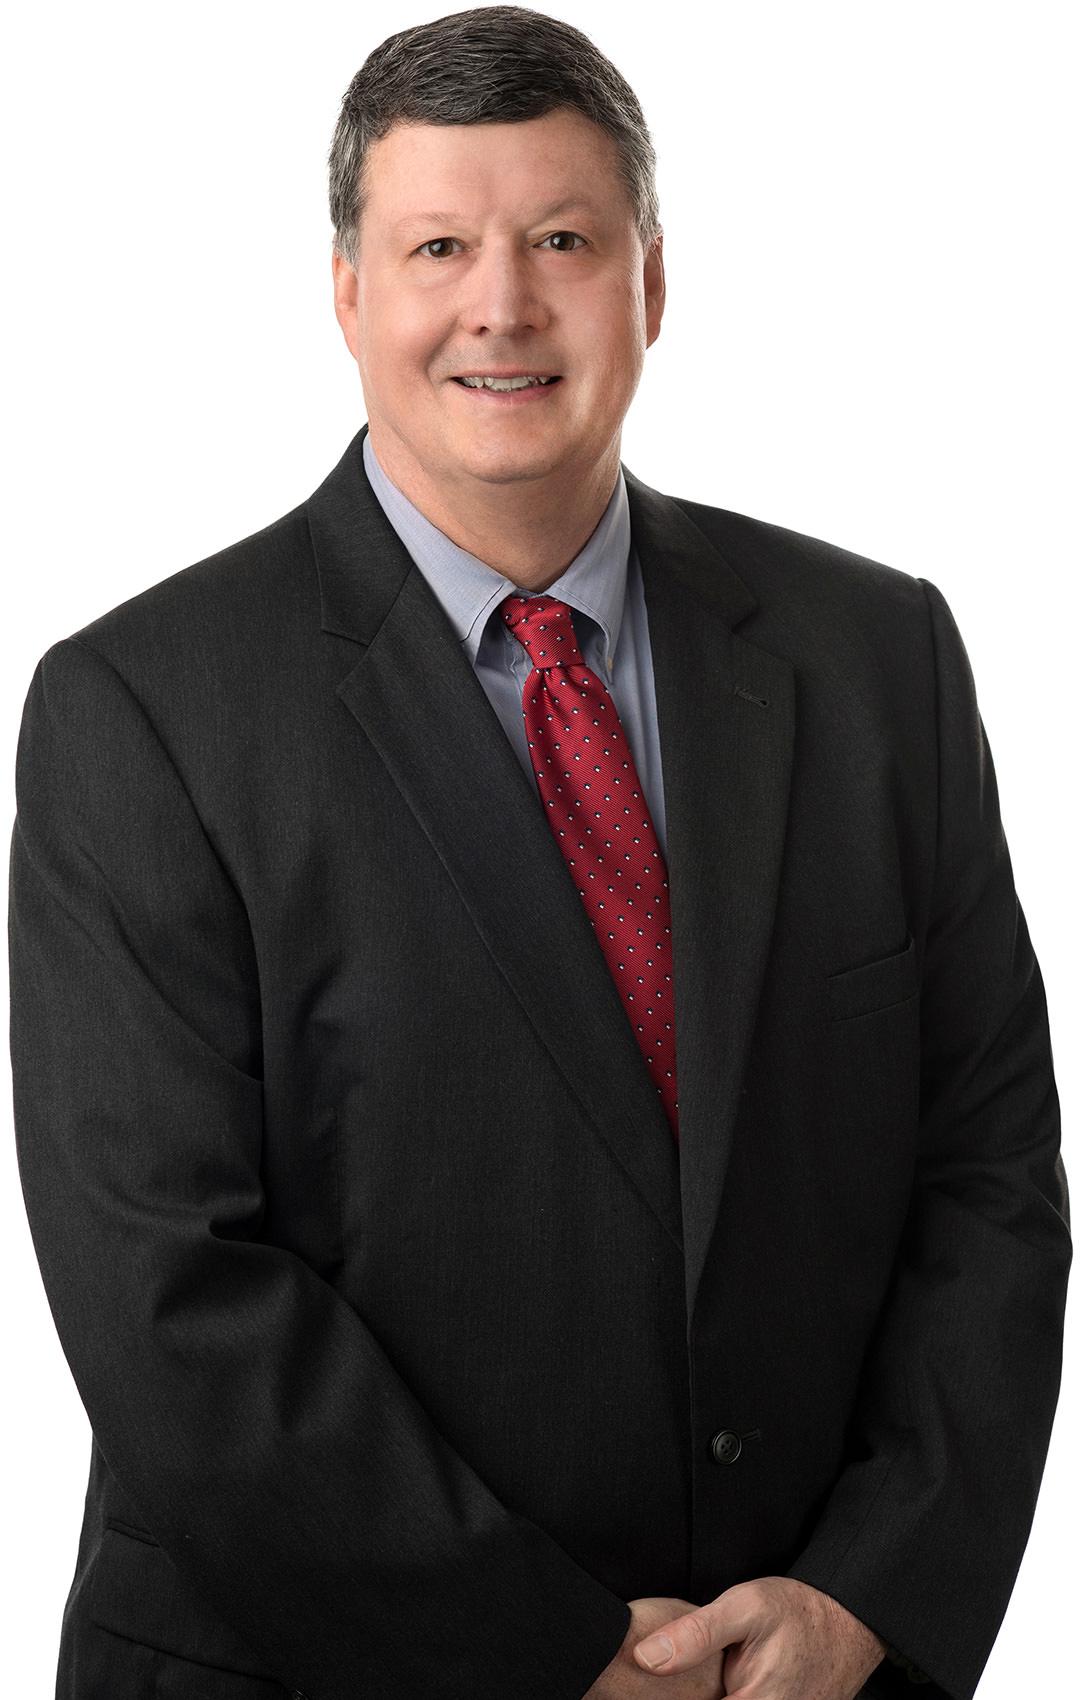 Gus M. Dixon